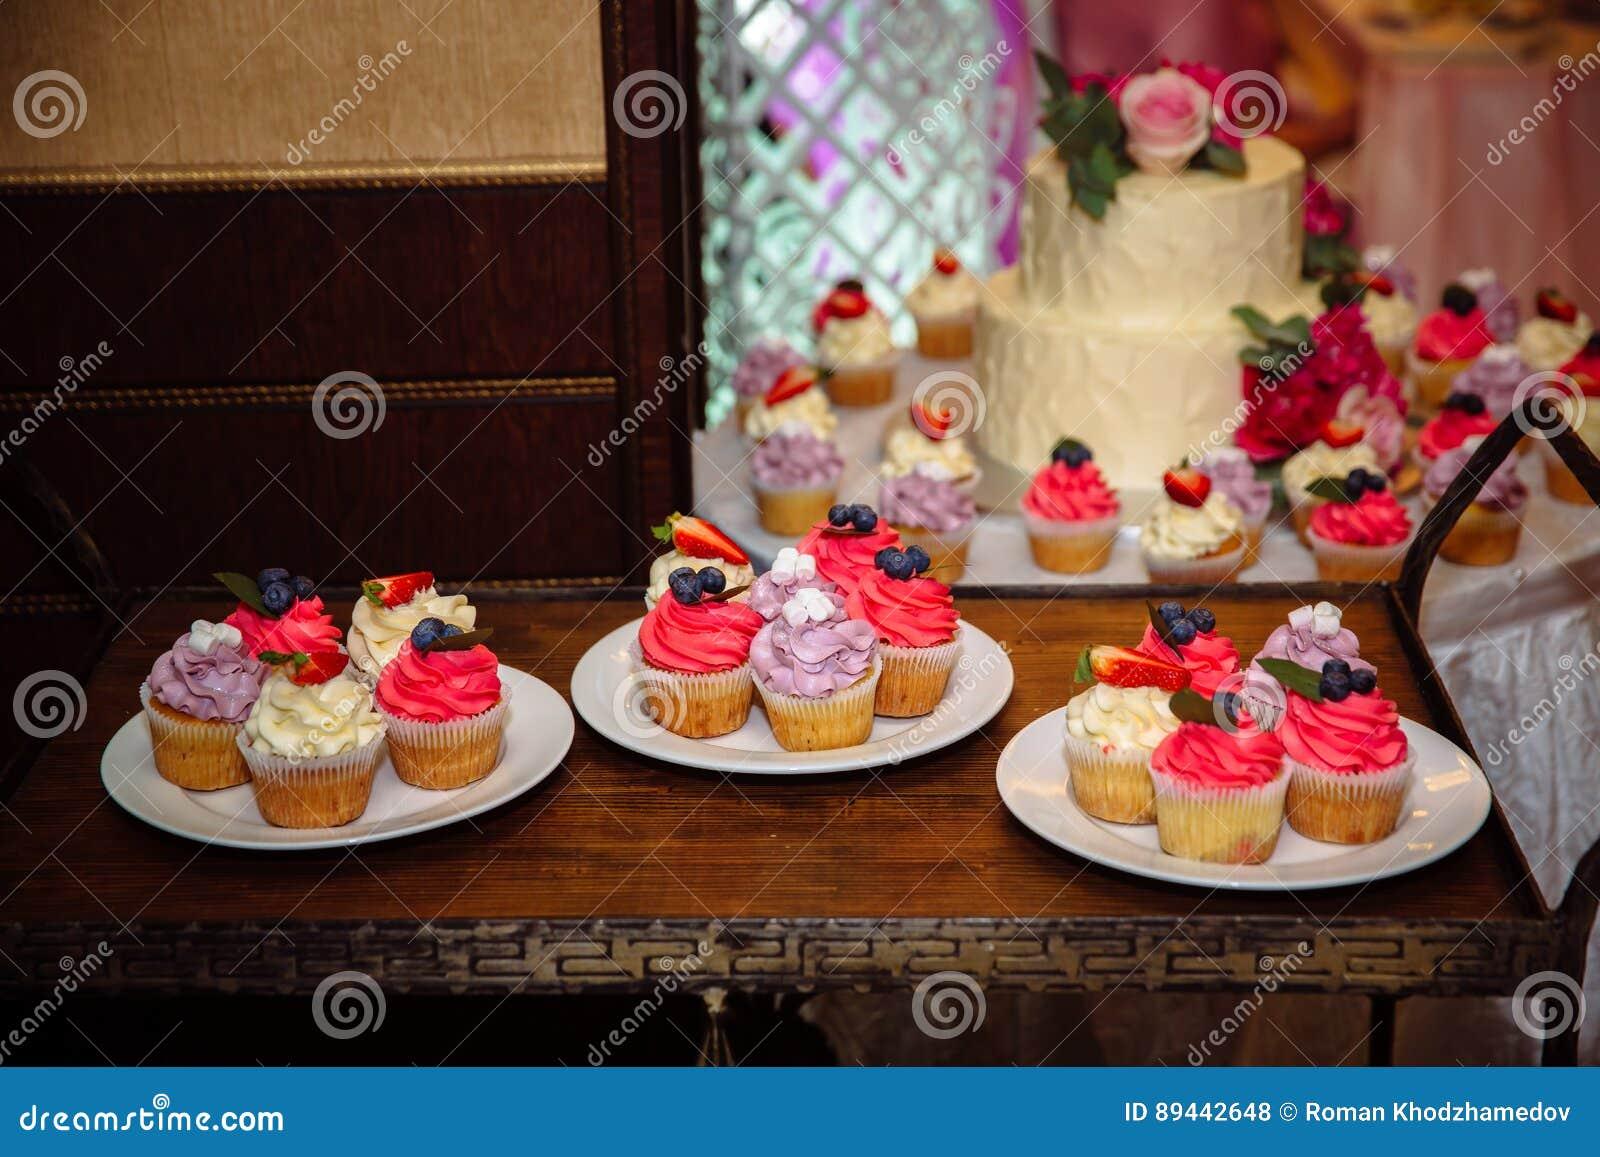 Susse Hochzeitstorte Mit Schokoriegel Muffins Kuchen Und Bonbons Im